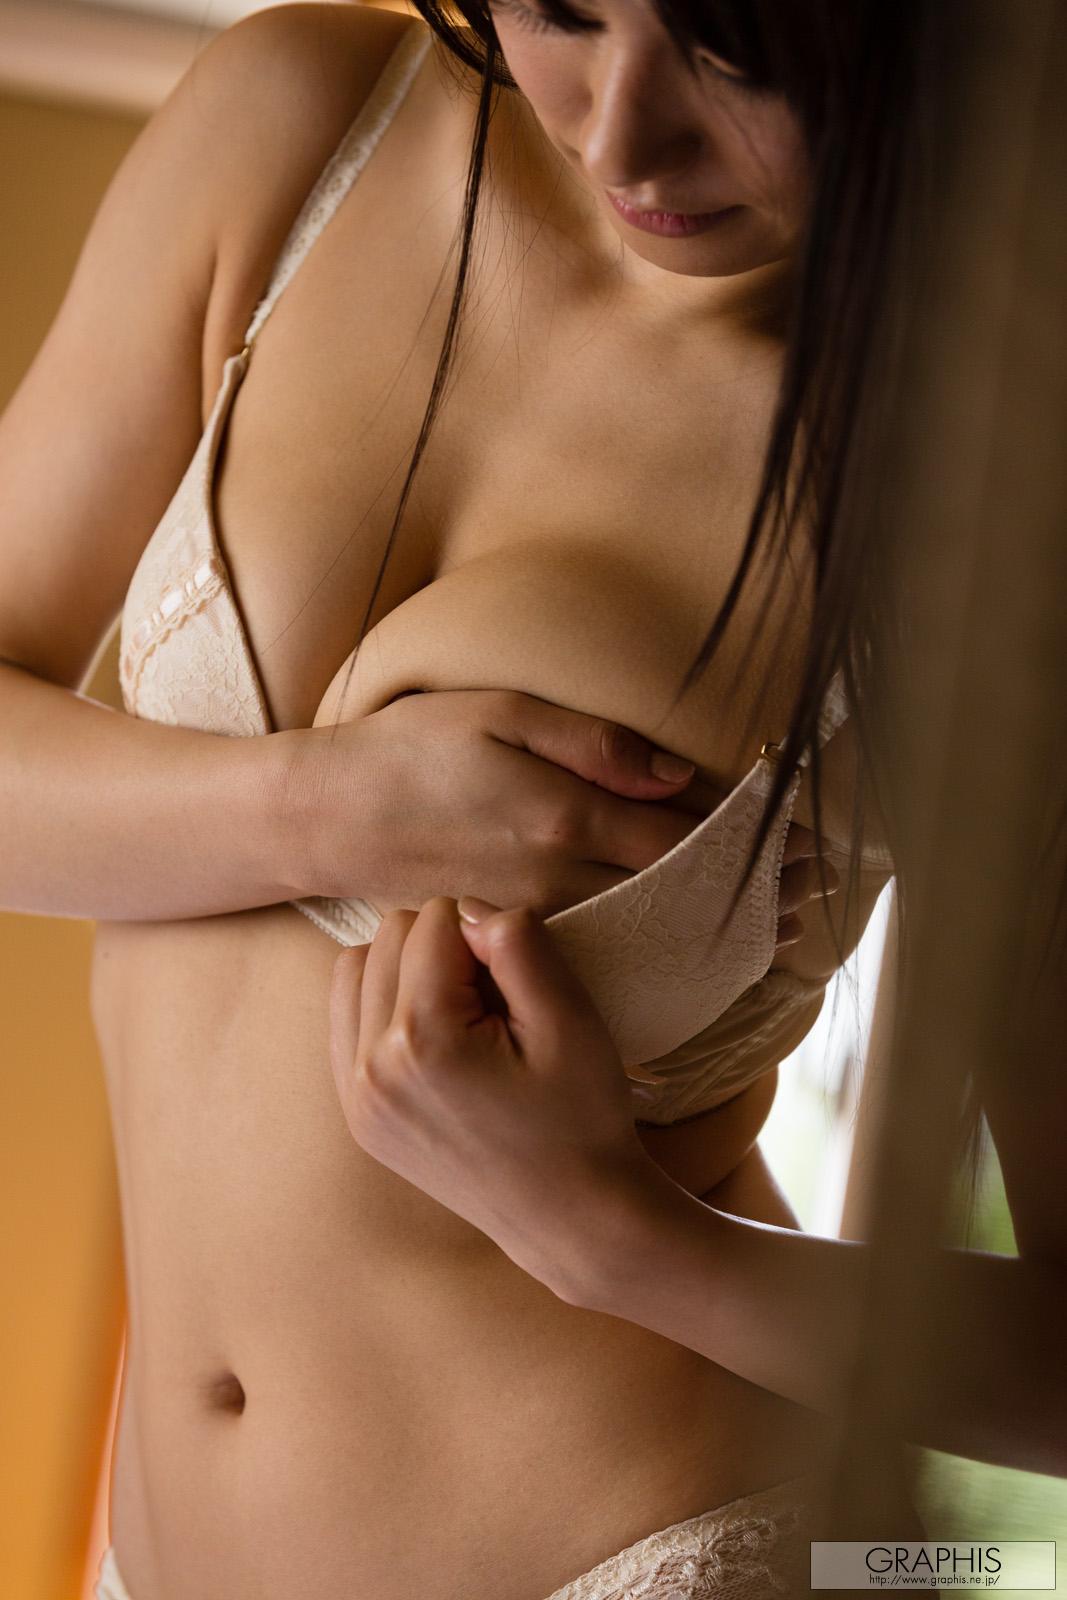 image http://scanlover.com/assets/images/272-YgE2HHveQDNt1UtY.jpeg